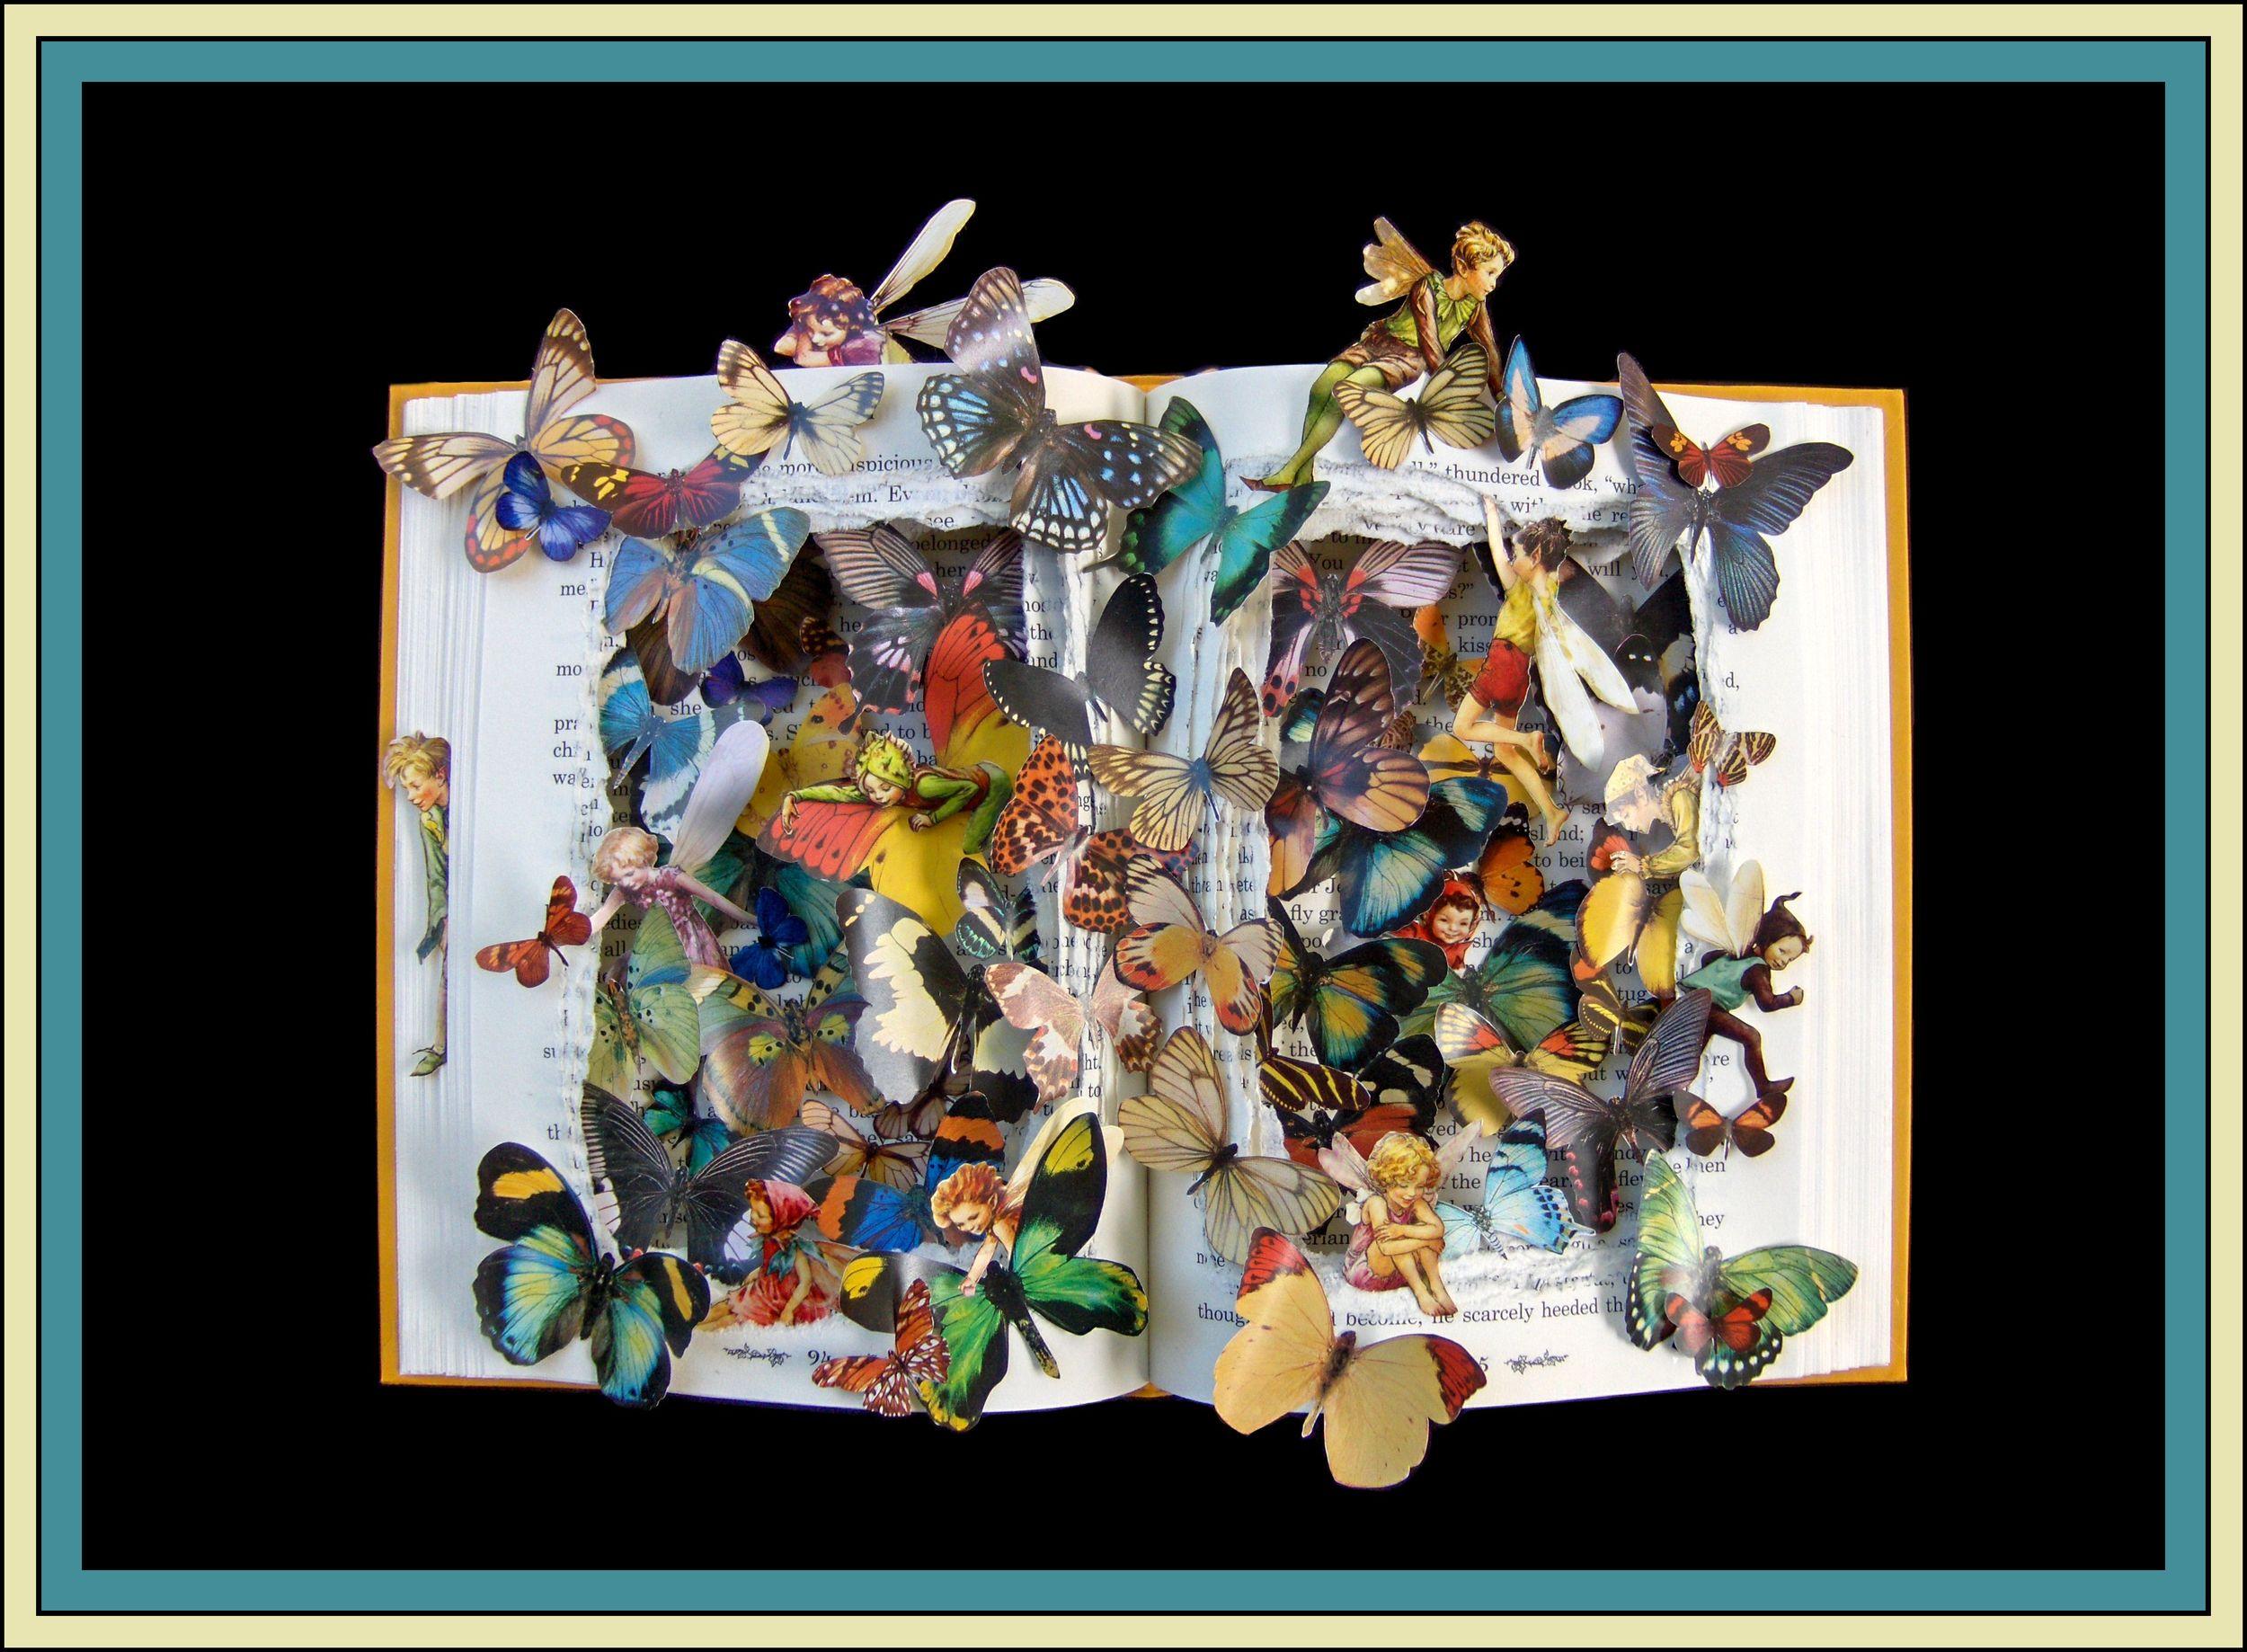 Butterflies & Fairies - 12x16x2.5 Book Sculpture